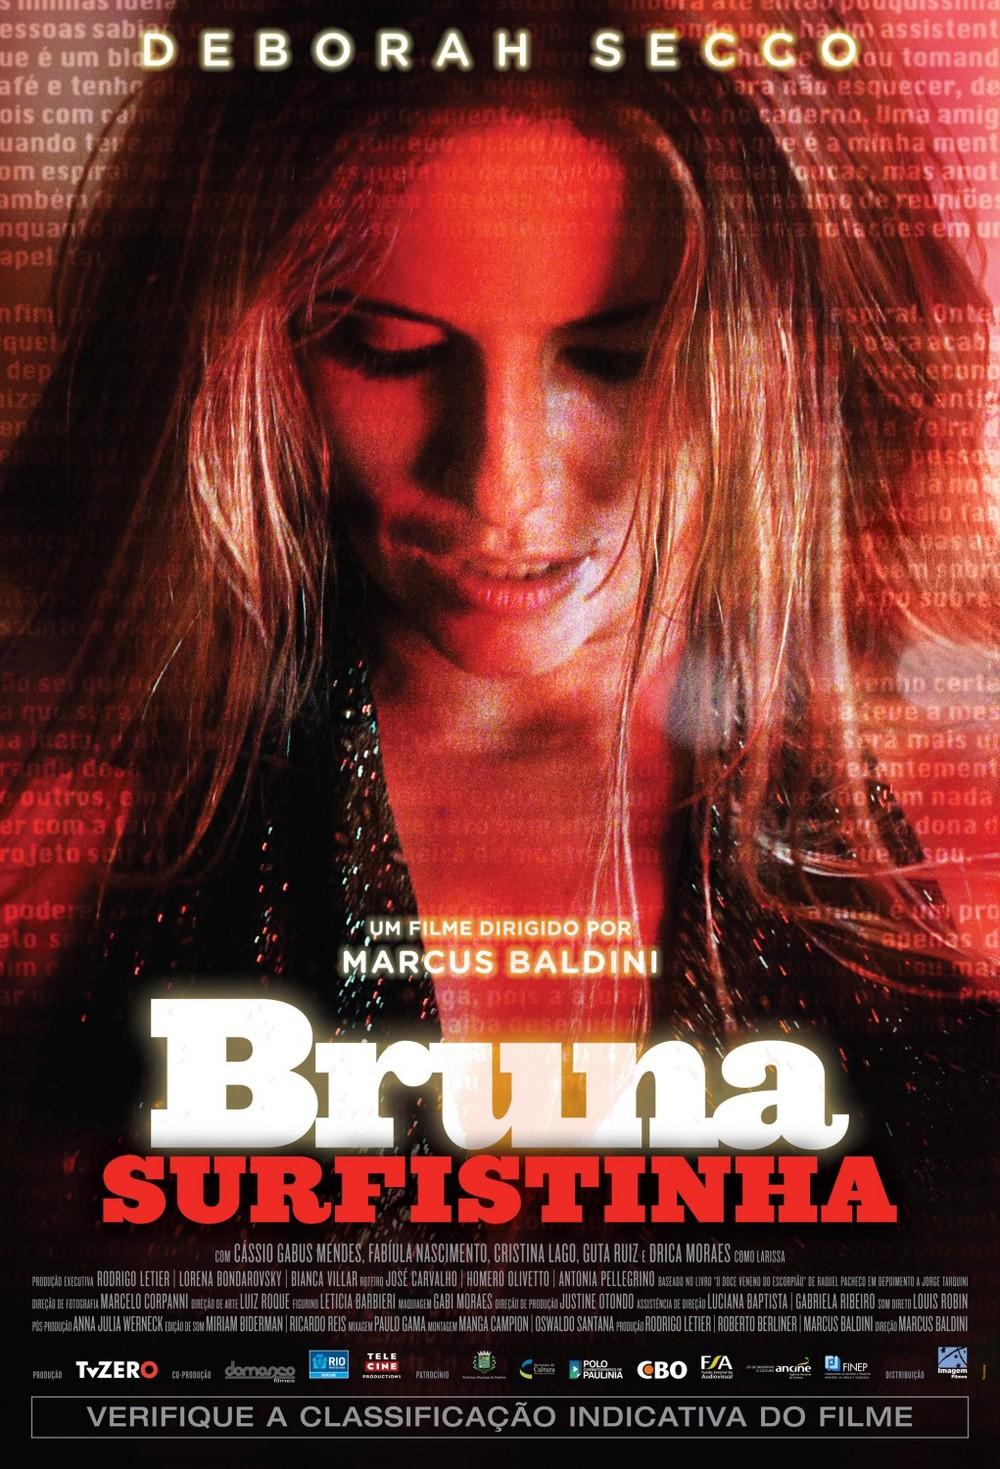 bruna_surfistinha_xlg.jpg